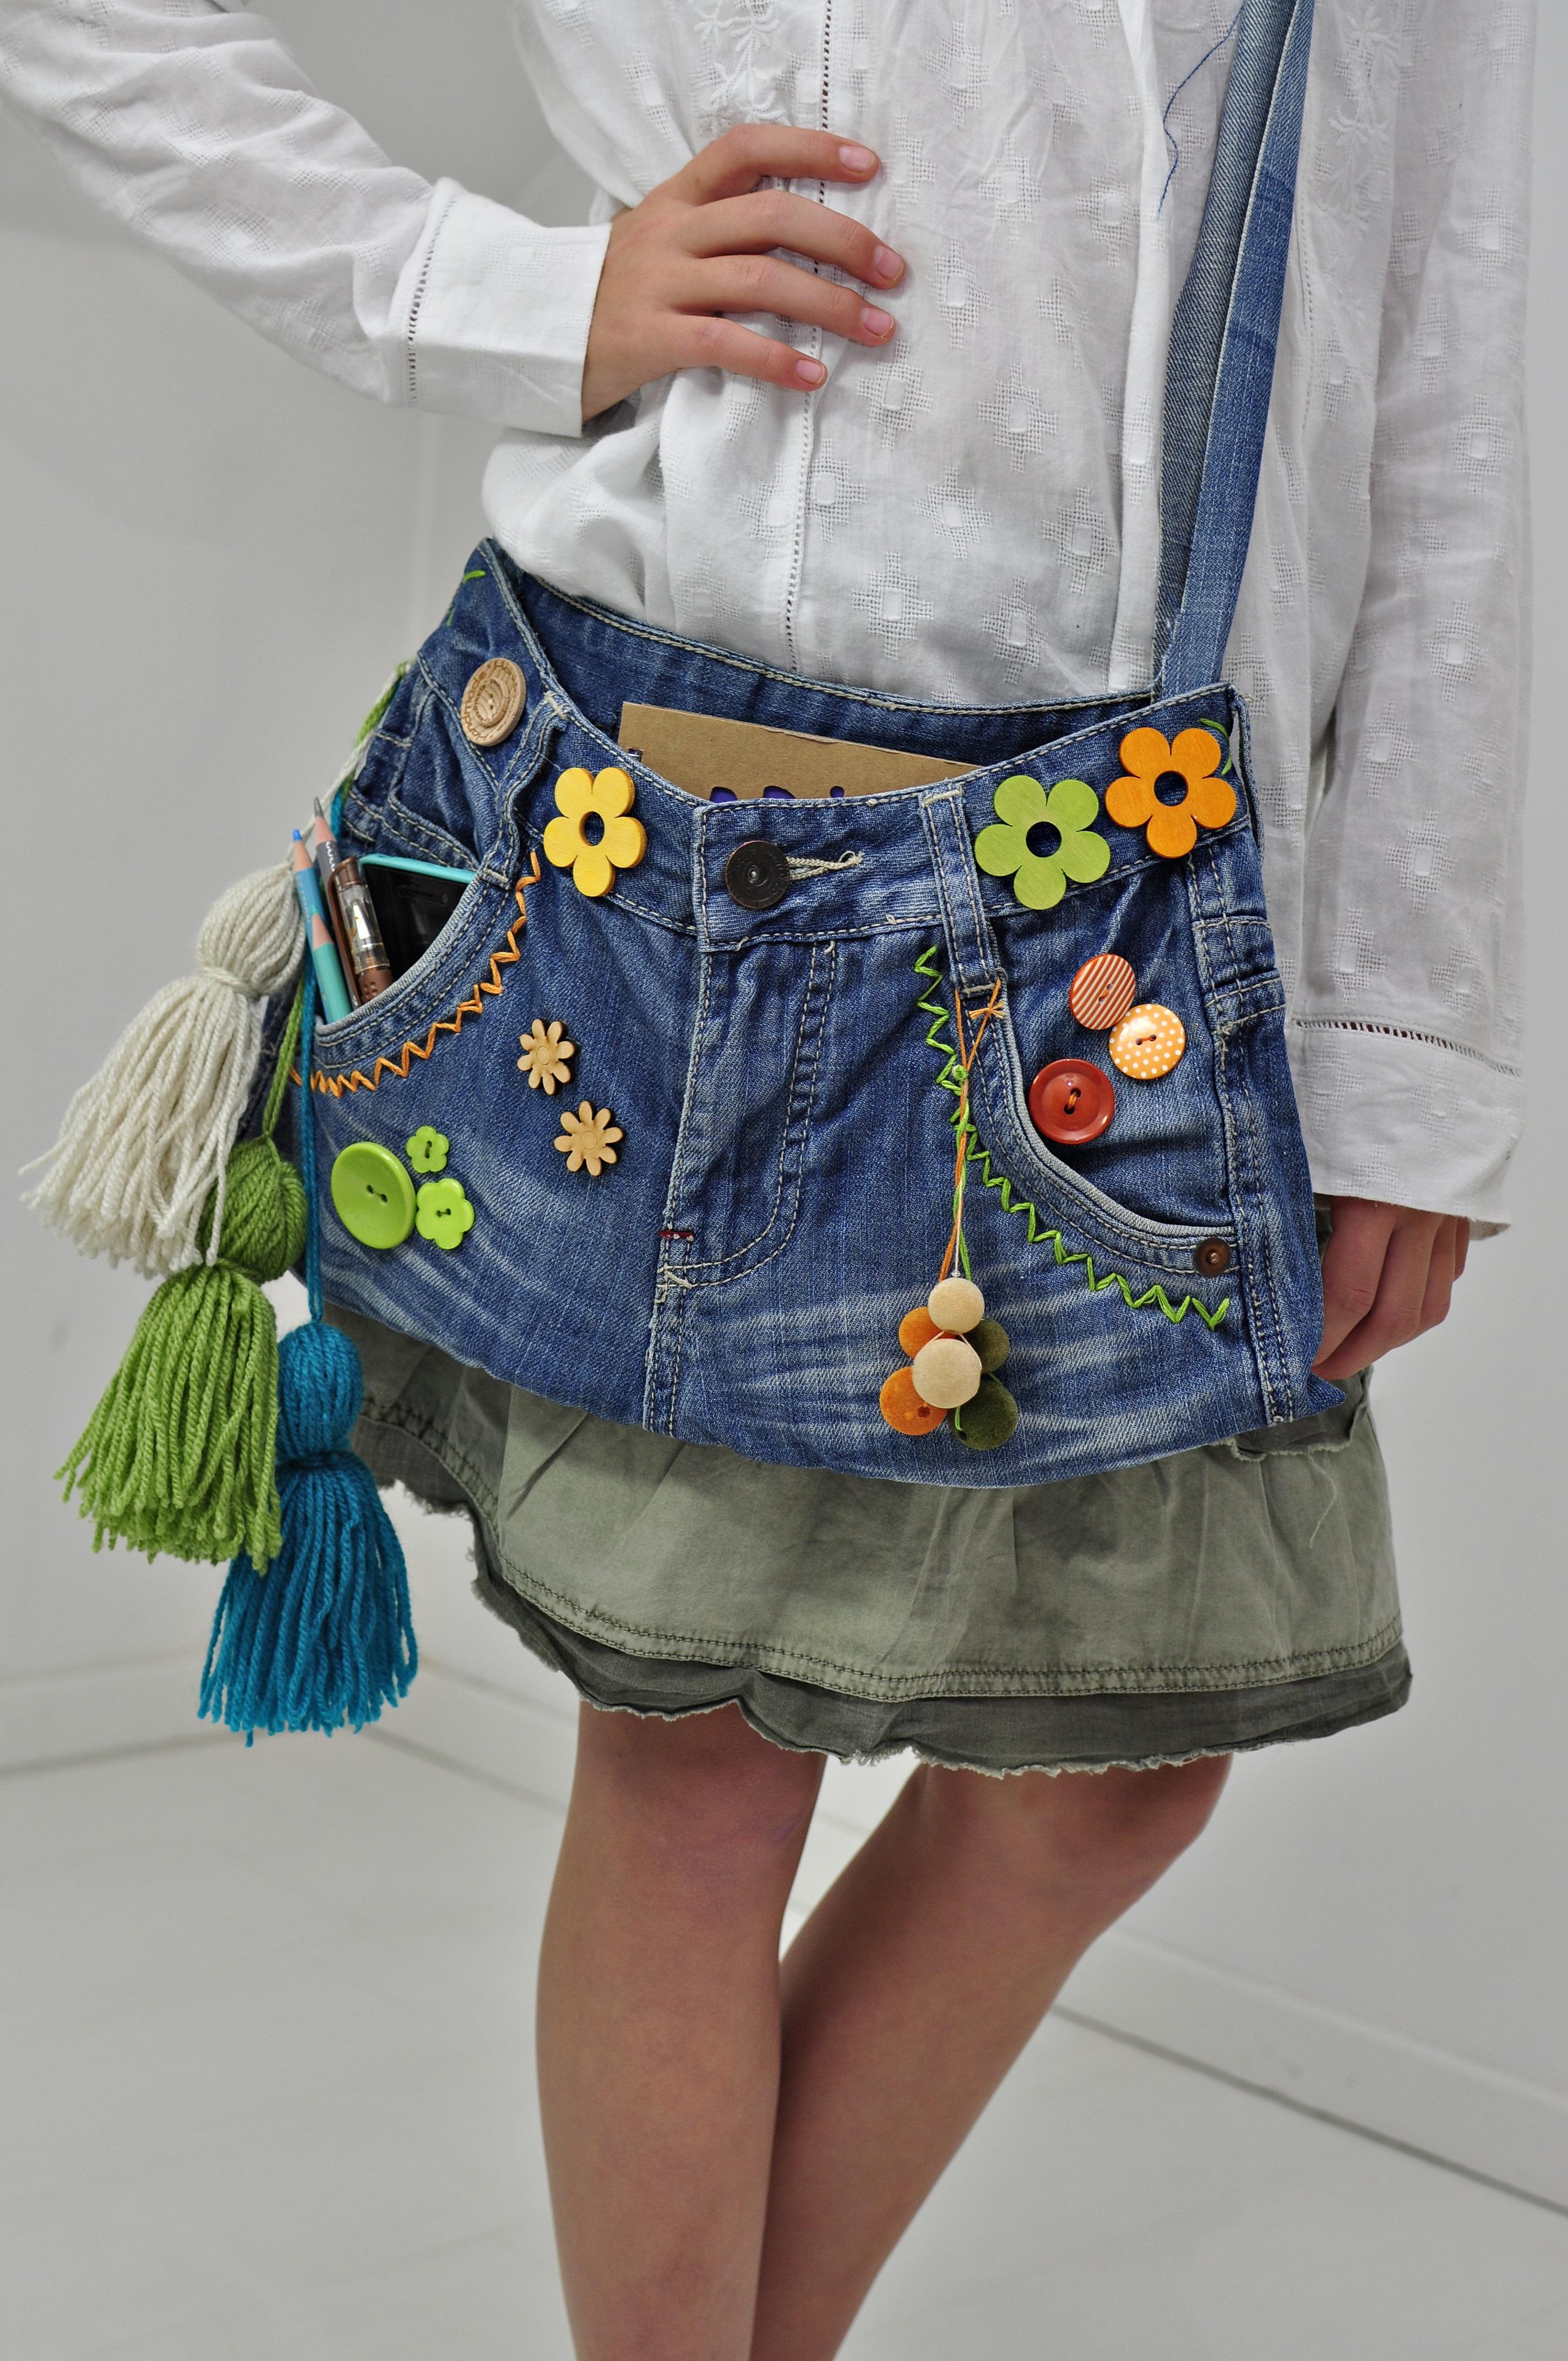 Torba ze spodni dżinsowych efekt pracy